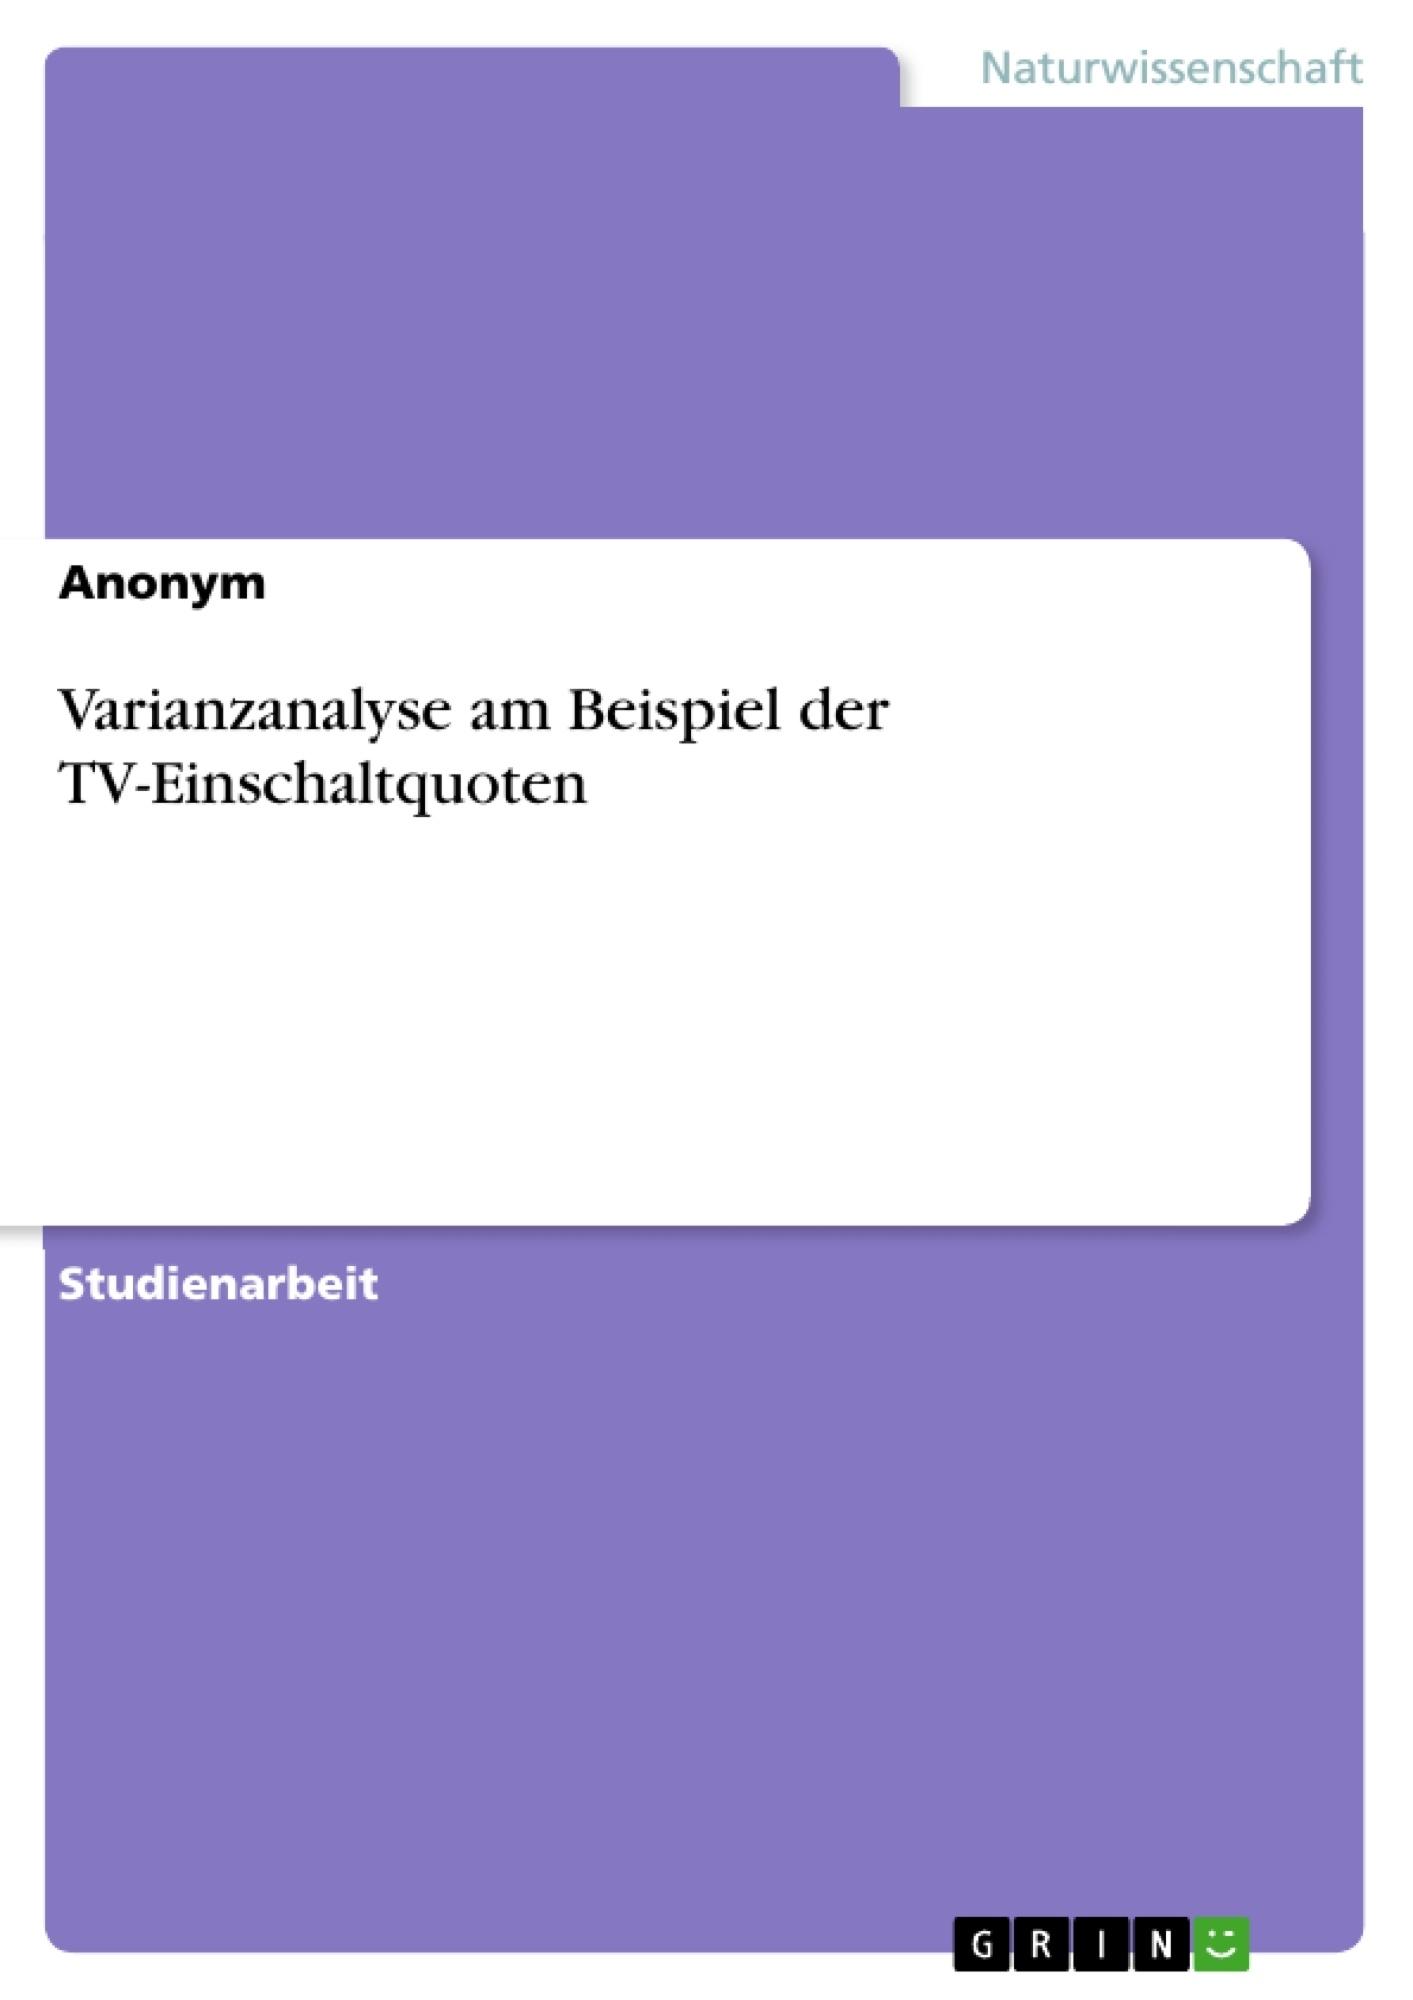 Titel: Varianzanalyse am Beispiel der TV-Einschaltquoten